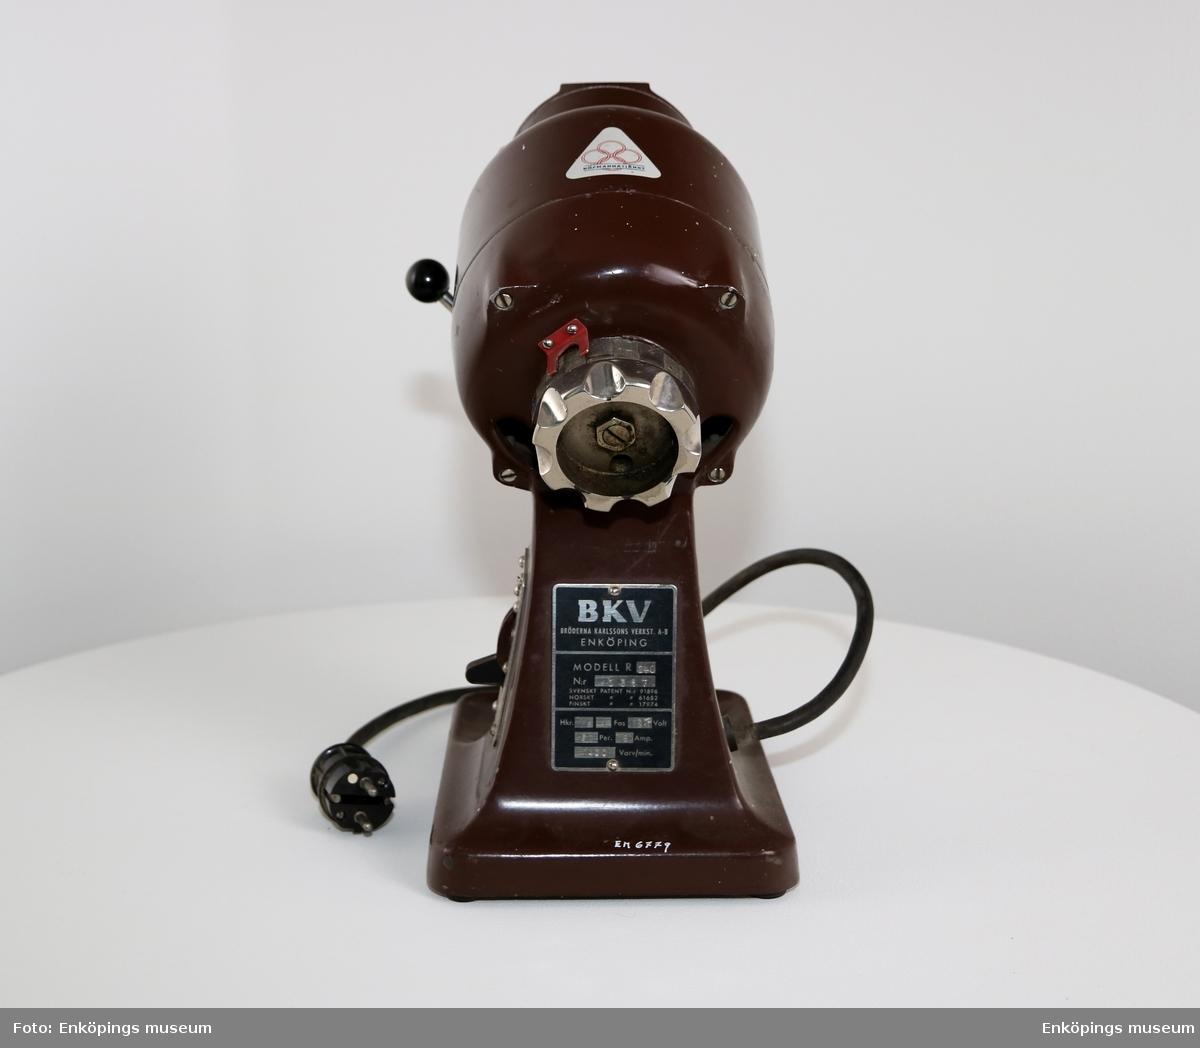 Elektrisk kaffekvarn tillverkad av: Bröderna Karlsson Verkst. AB Enköping.